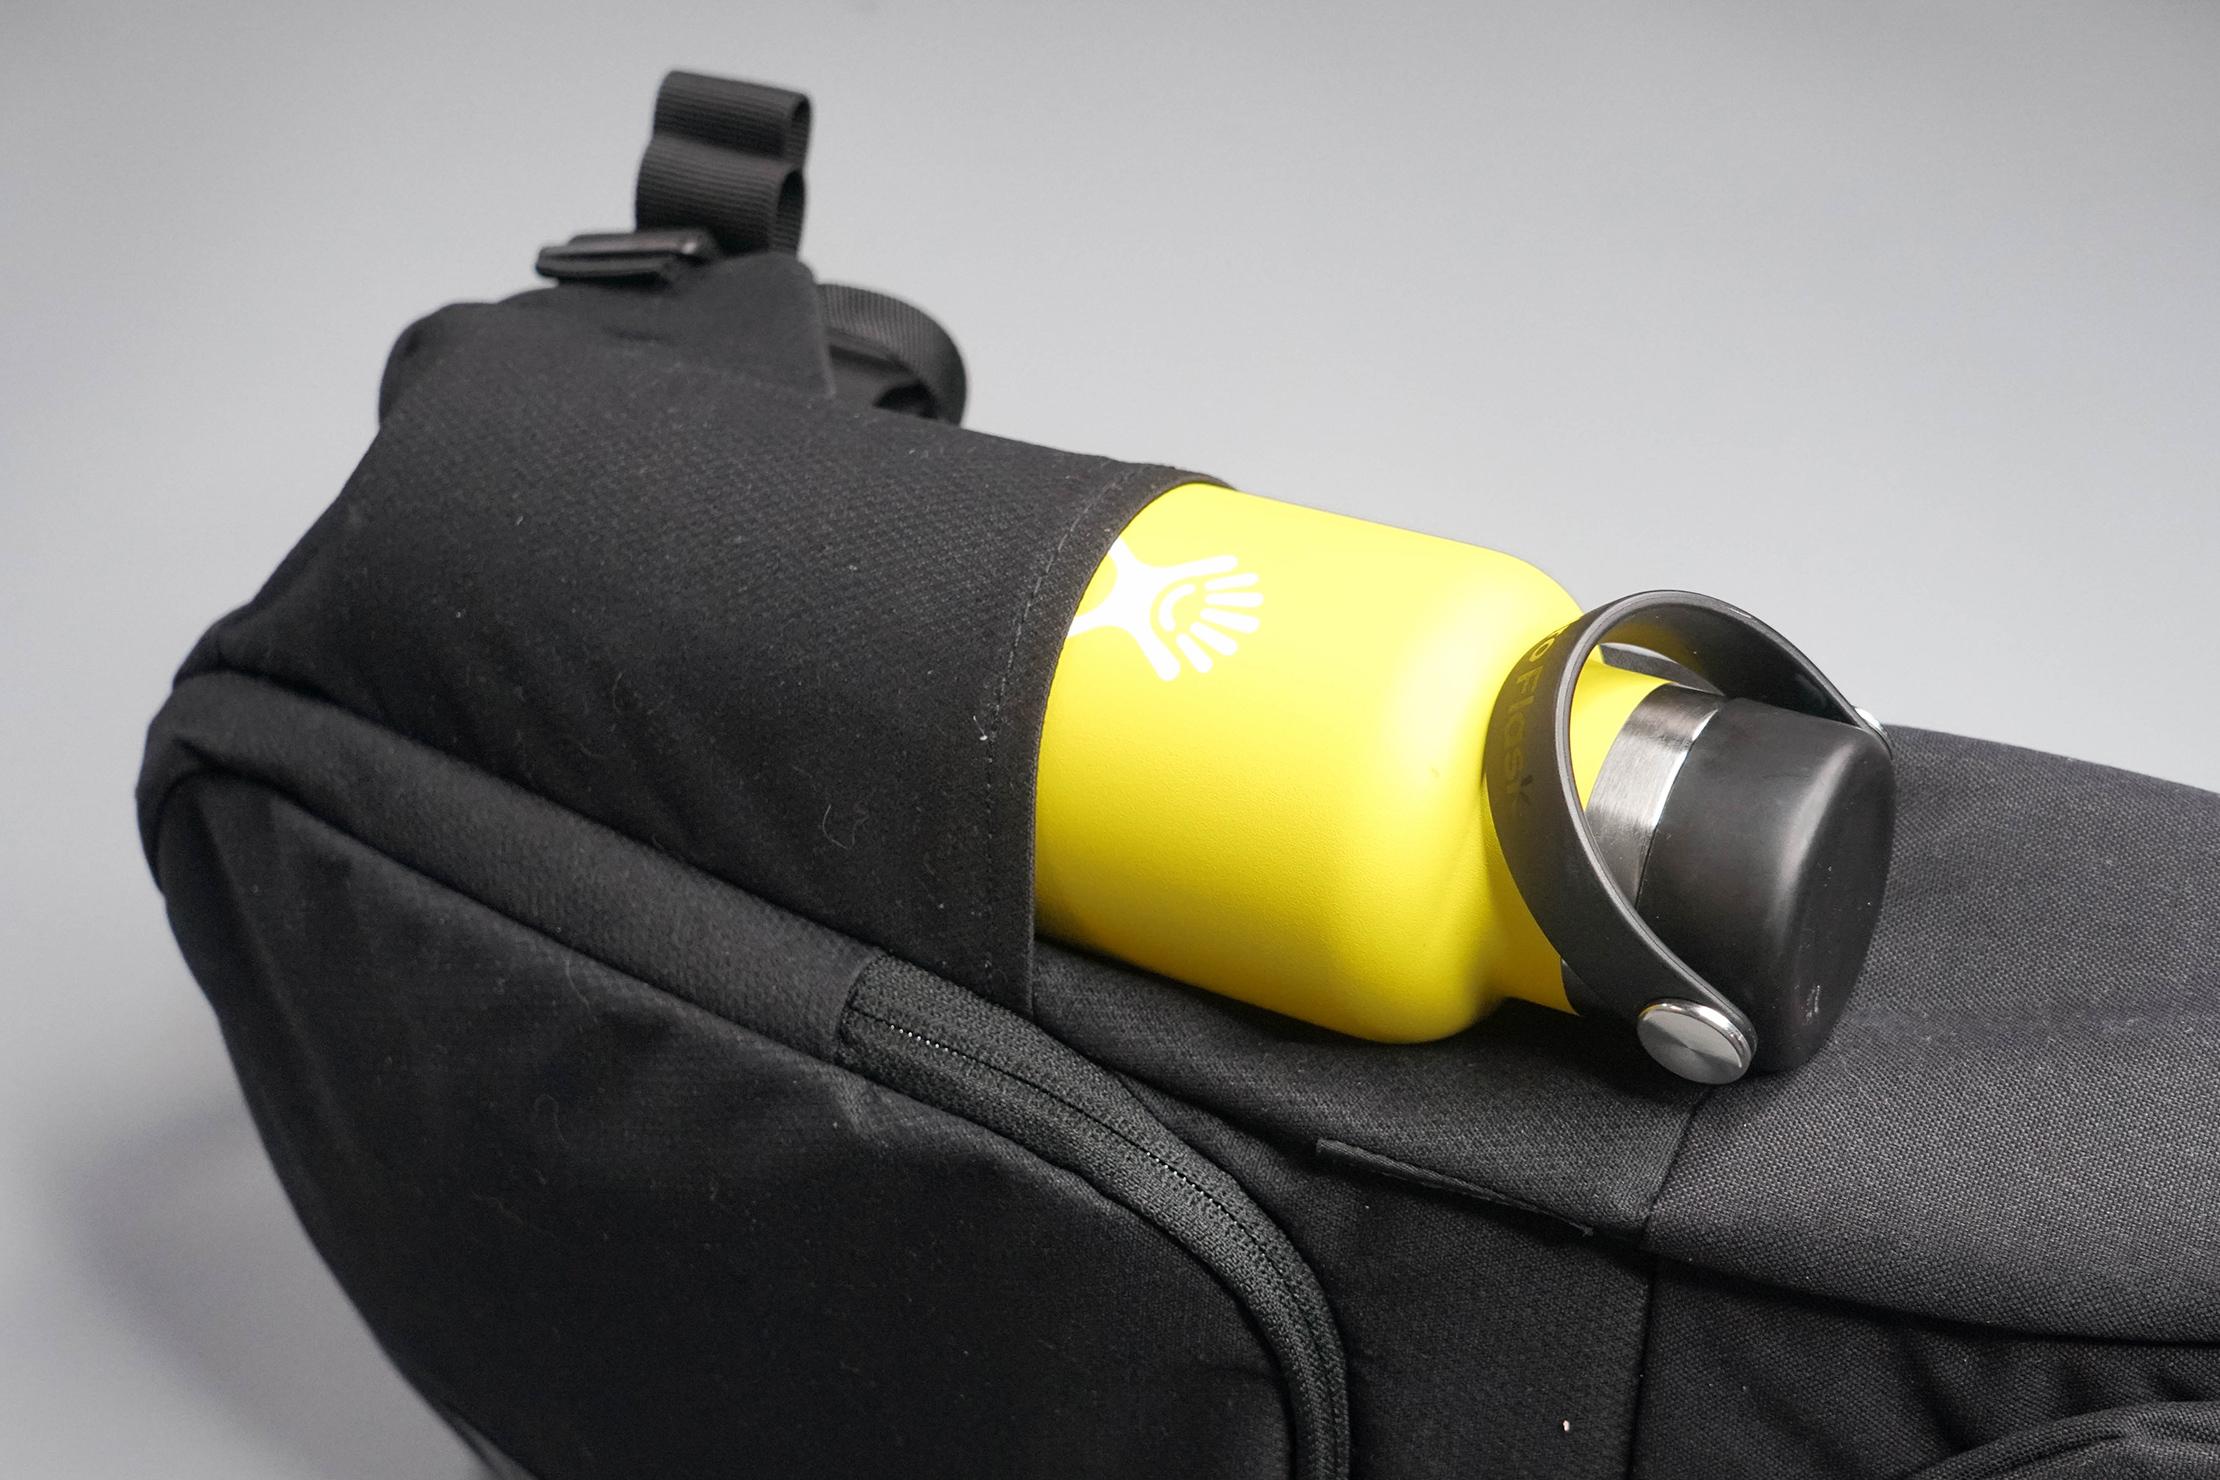 Deuter UP Sydney External Water Bottle Pocket